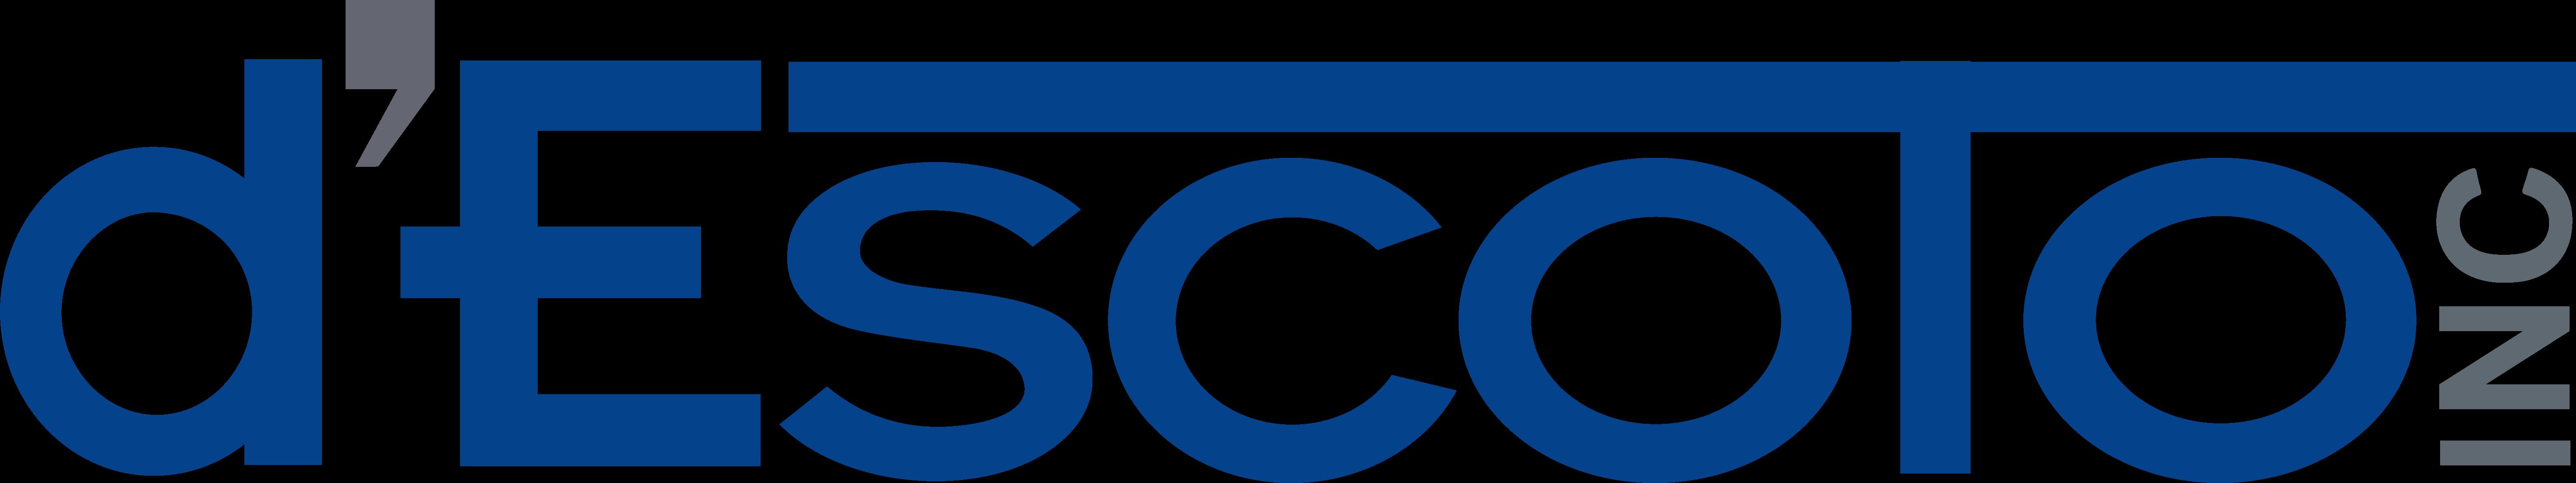 d'Escoto Image